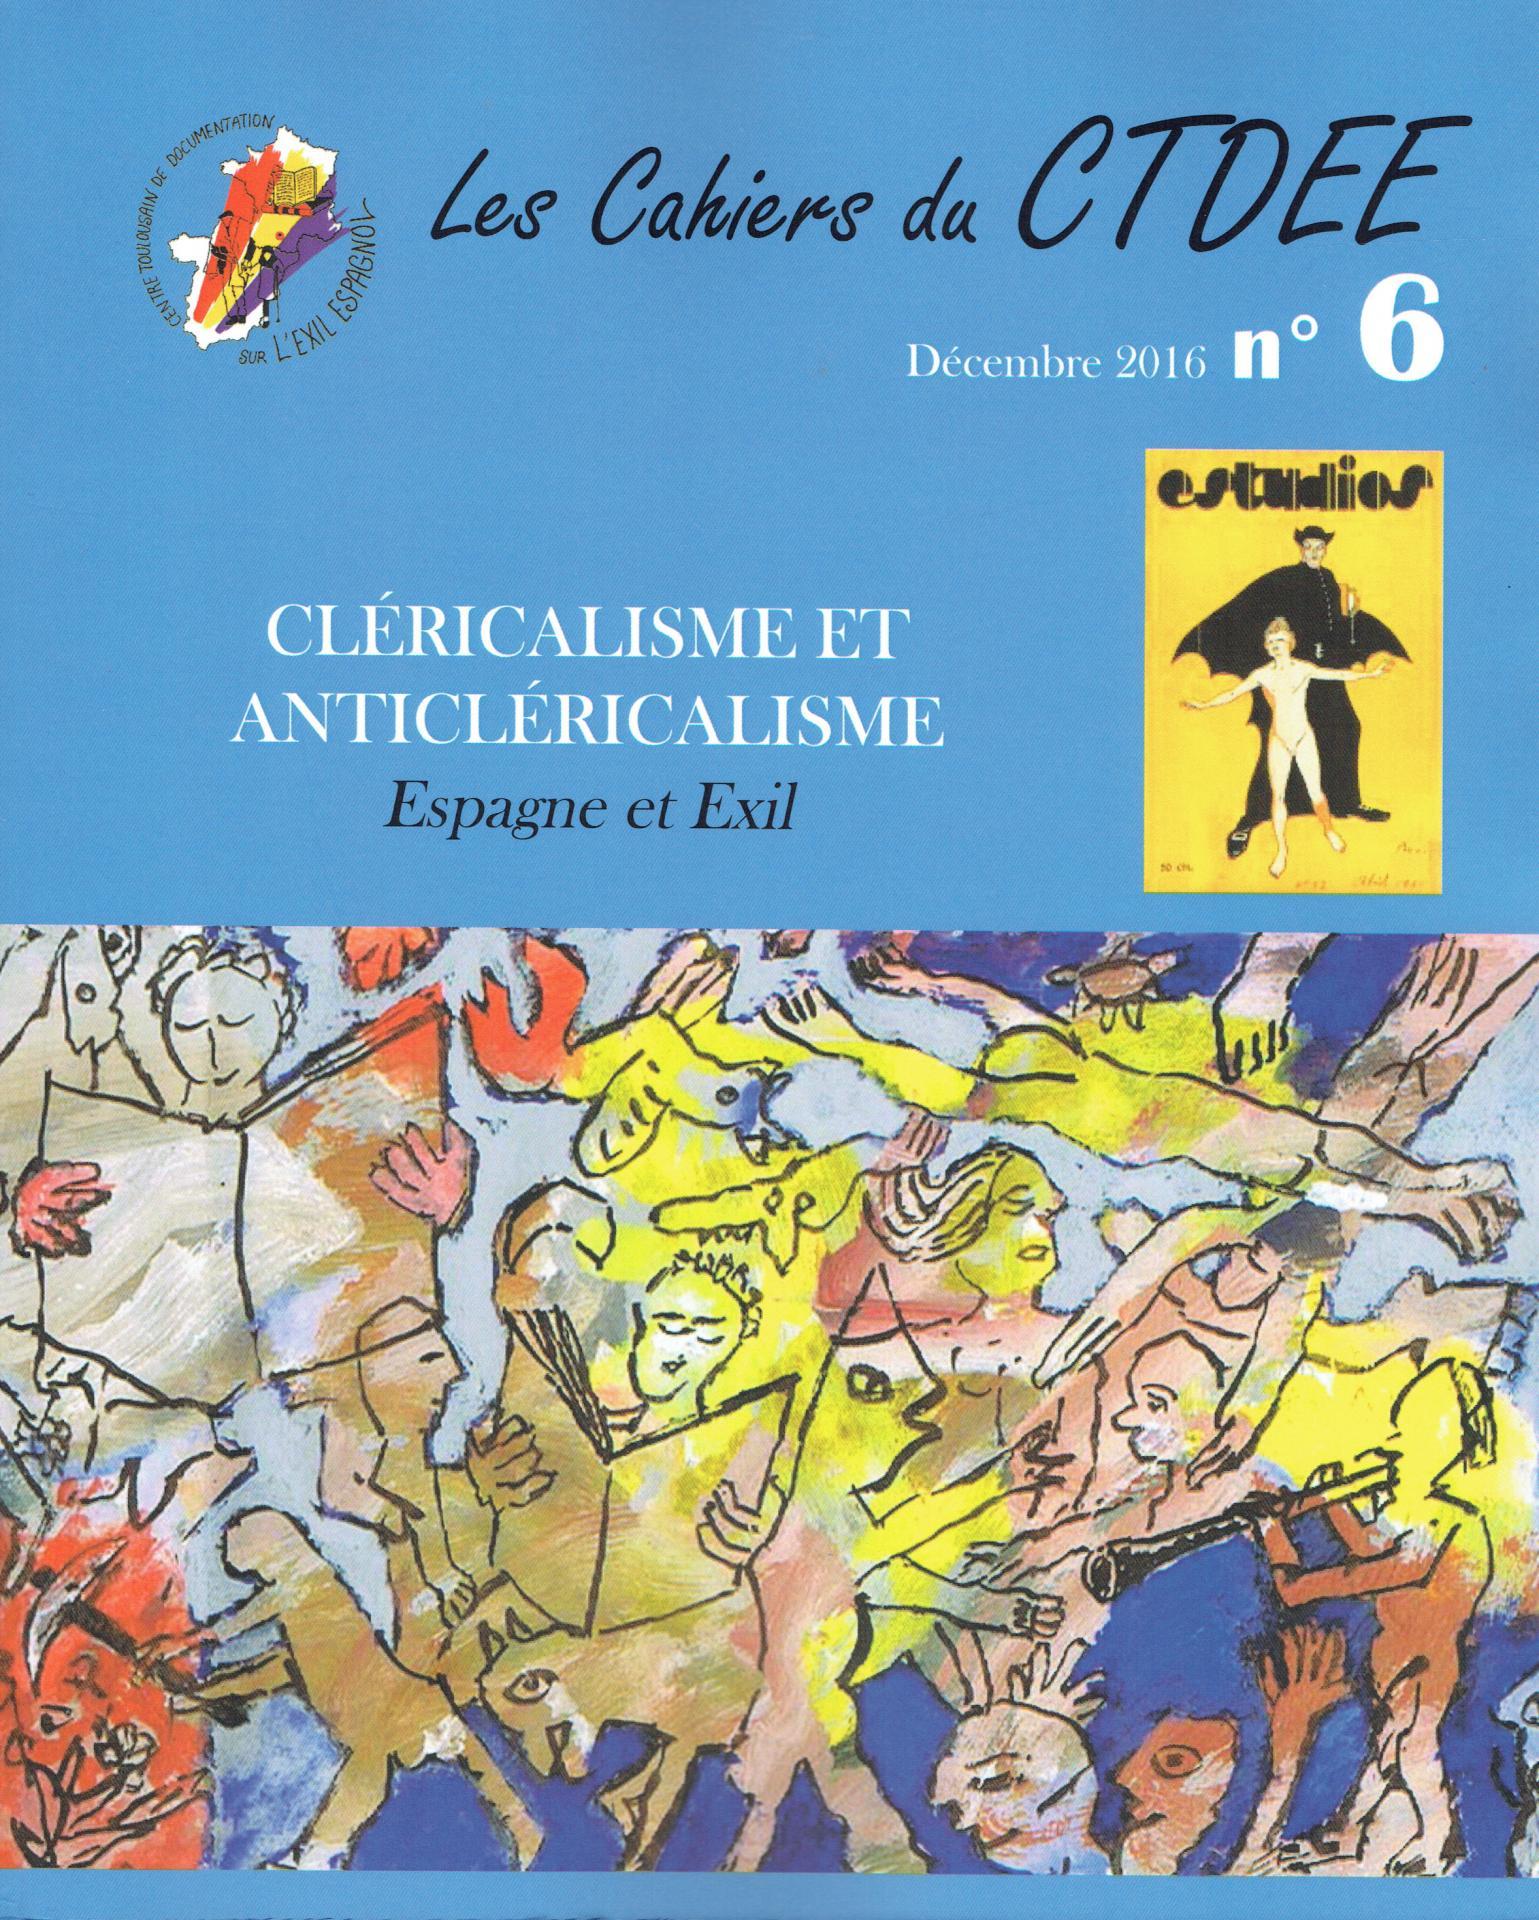 Cahiers du ctdee n 6 72ppp